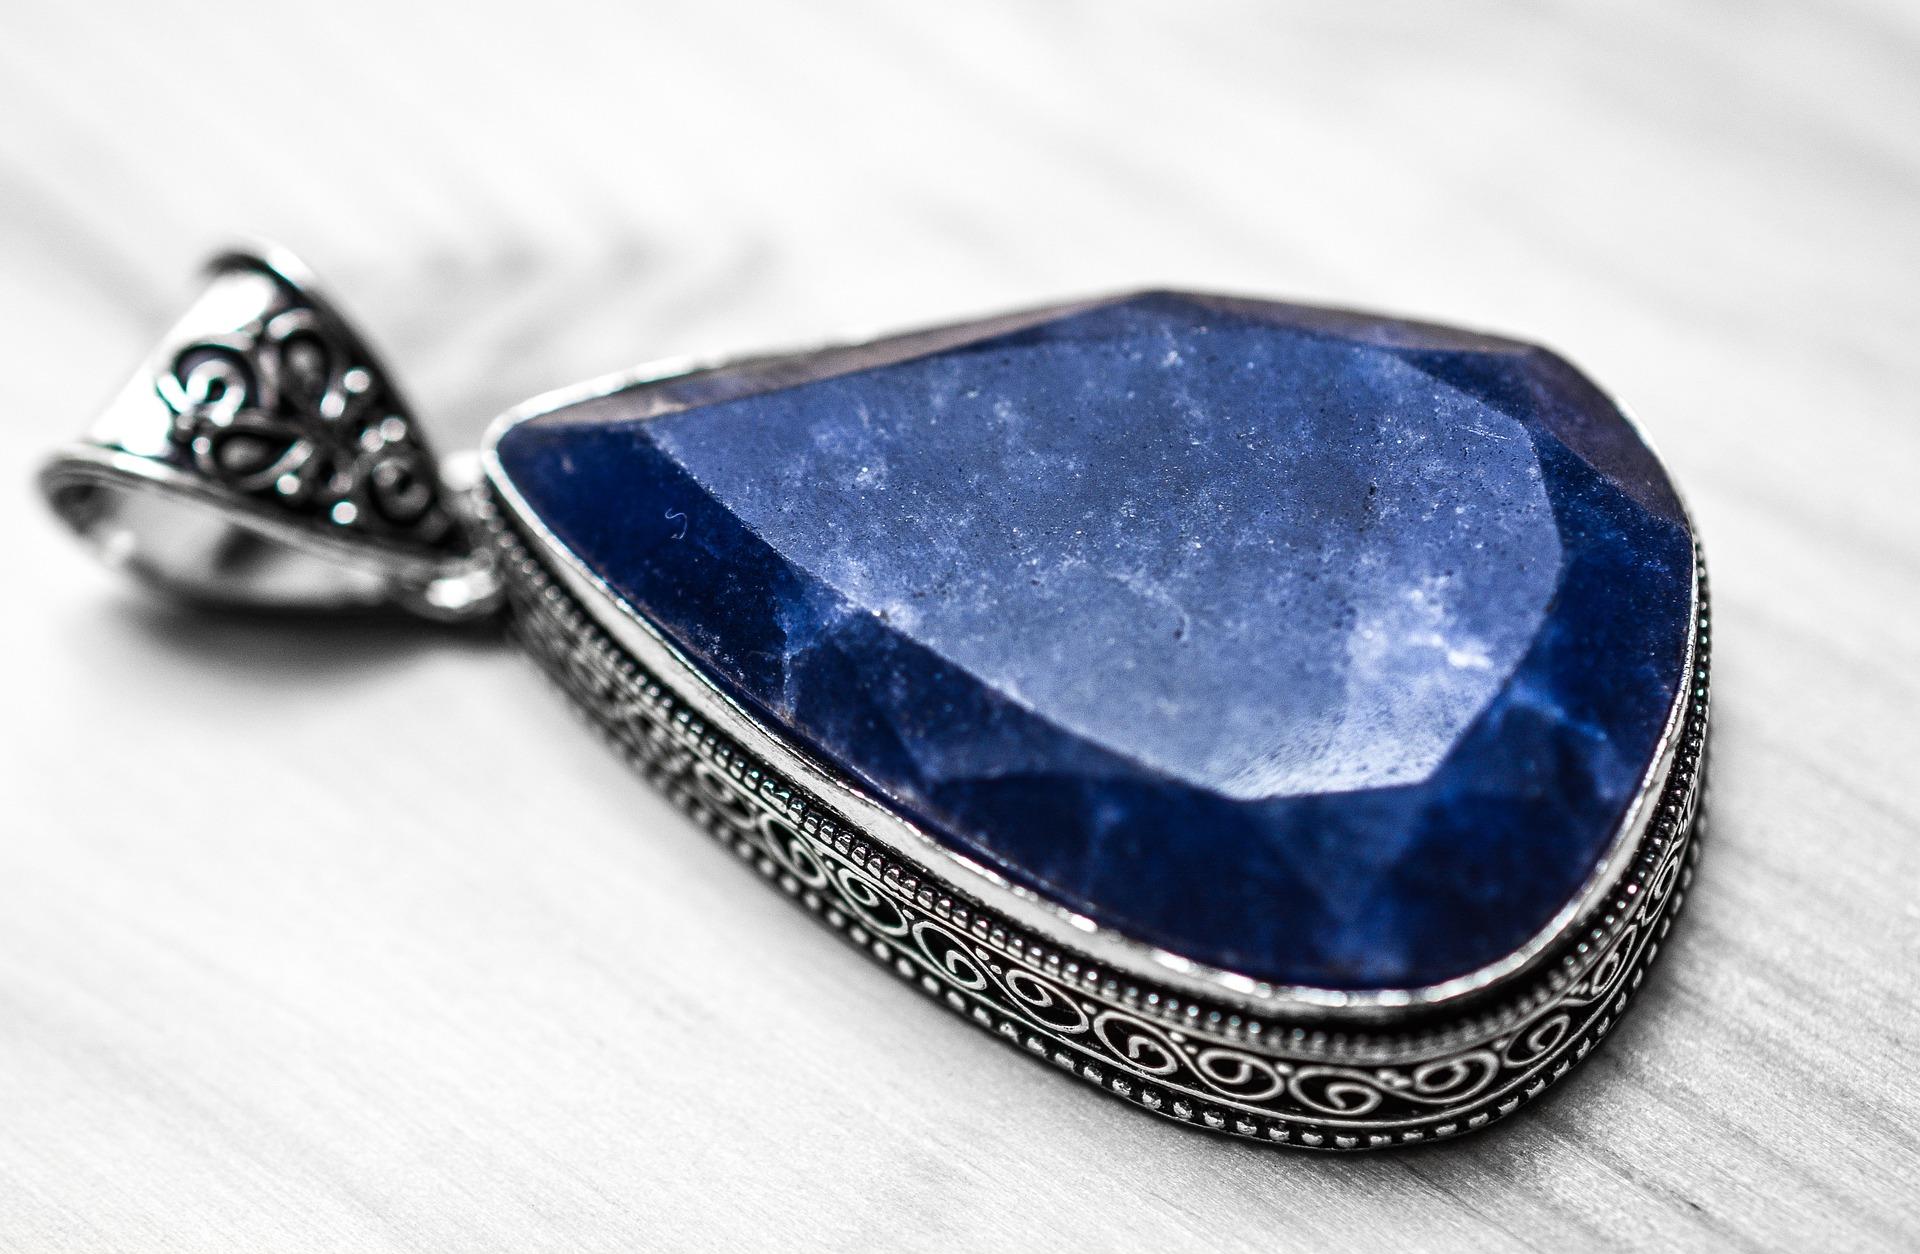 sapphire-1433293_1920.jpg